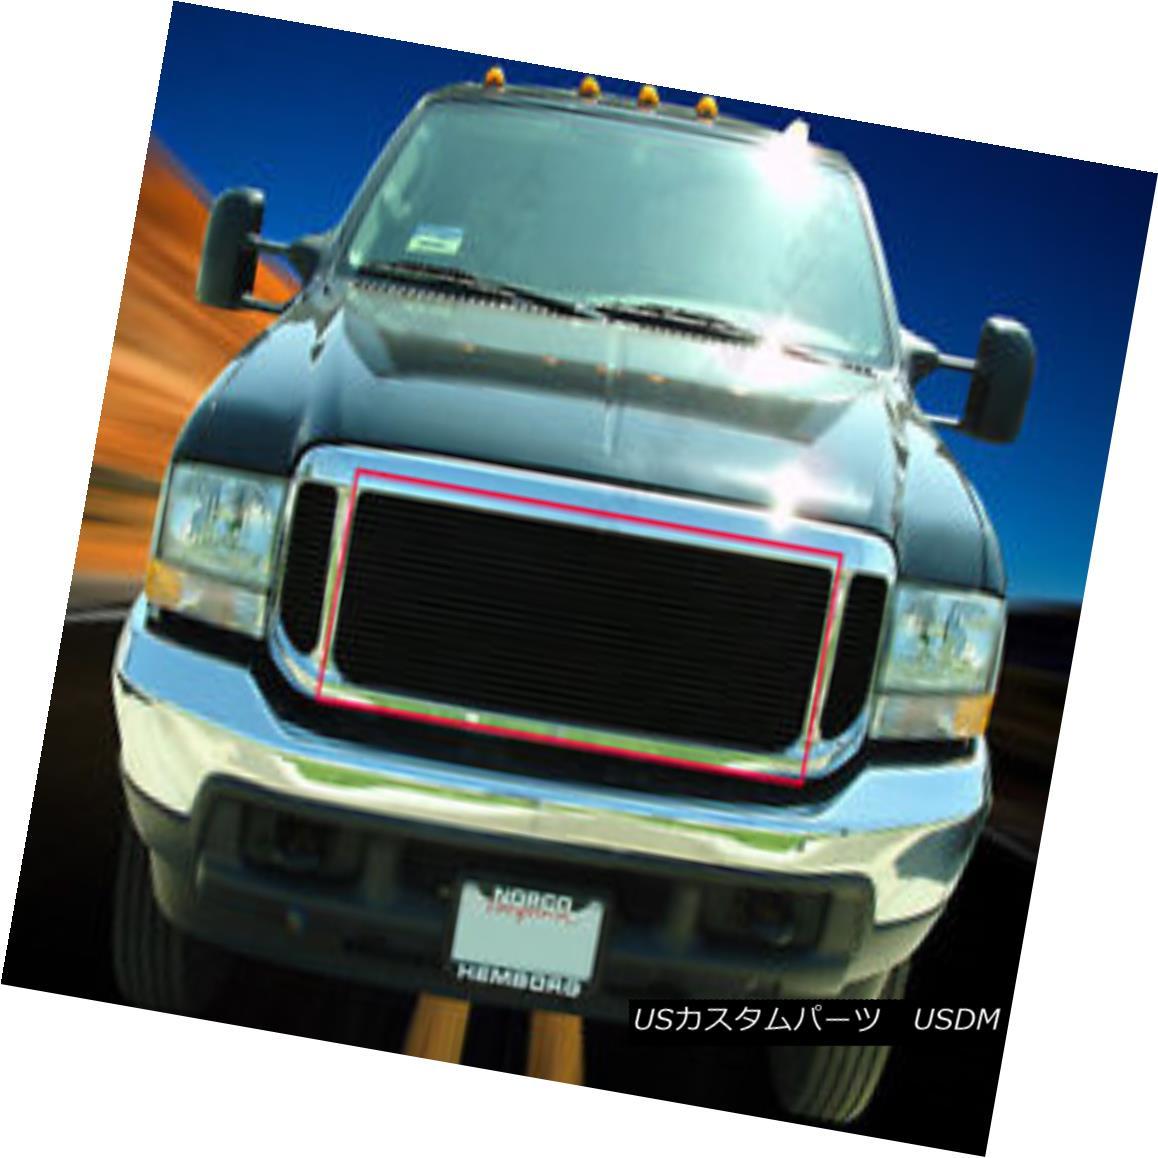 グリル Fedar Fits 99-04 Ford Excursion F250 F350 F450 F550 Billet Grille Upper Grill Feder Fits 99-04 FordエクスカーションF250 F350 F450 F550 Billet Grilleアッパーグリル